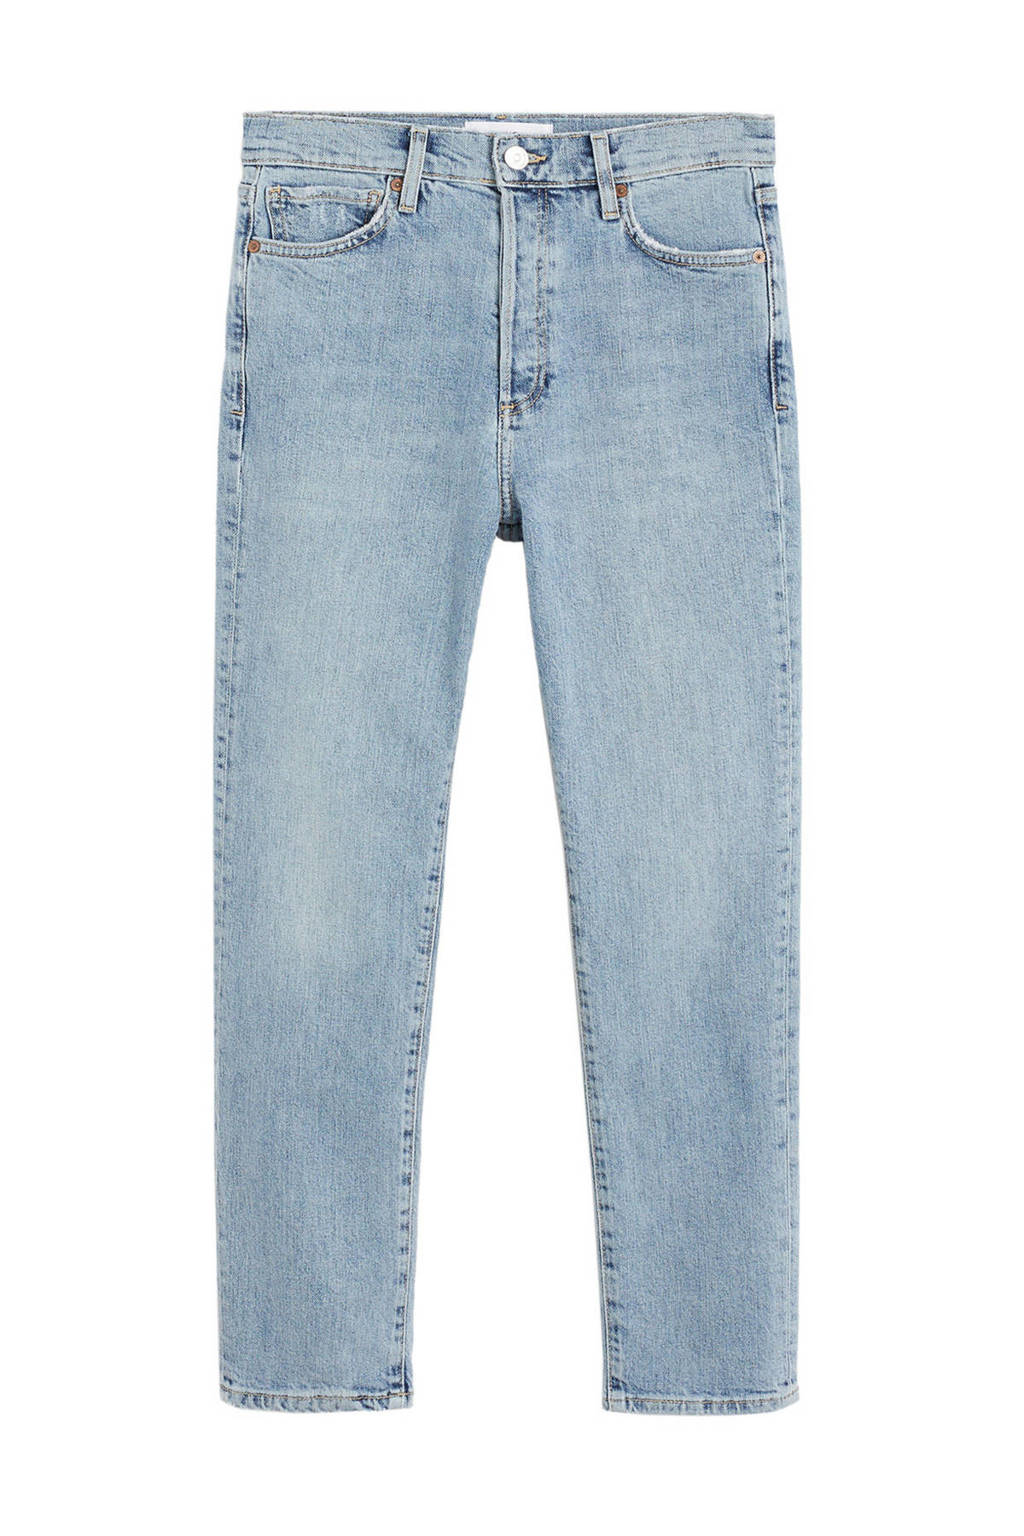 Mango high waist slim fit jeans lichtblauw, Lichtblauw